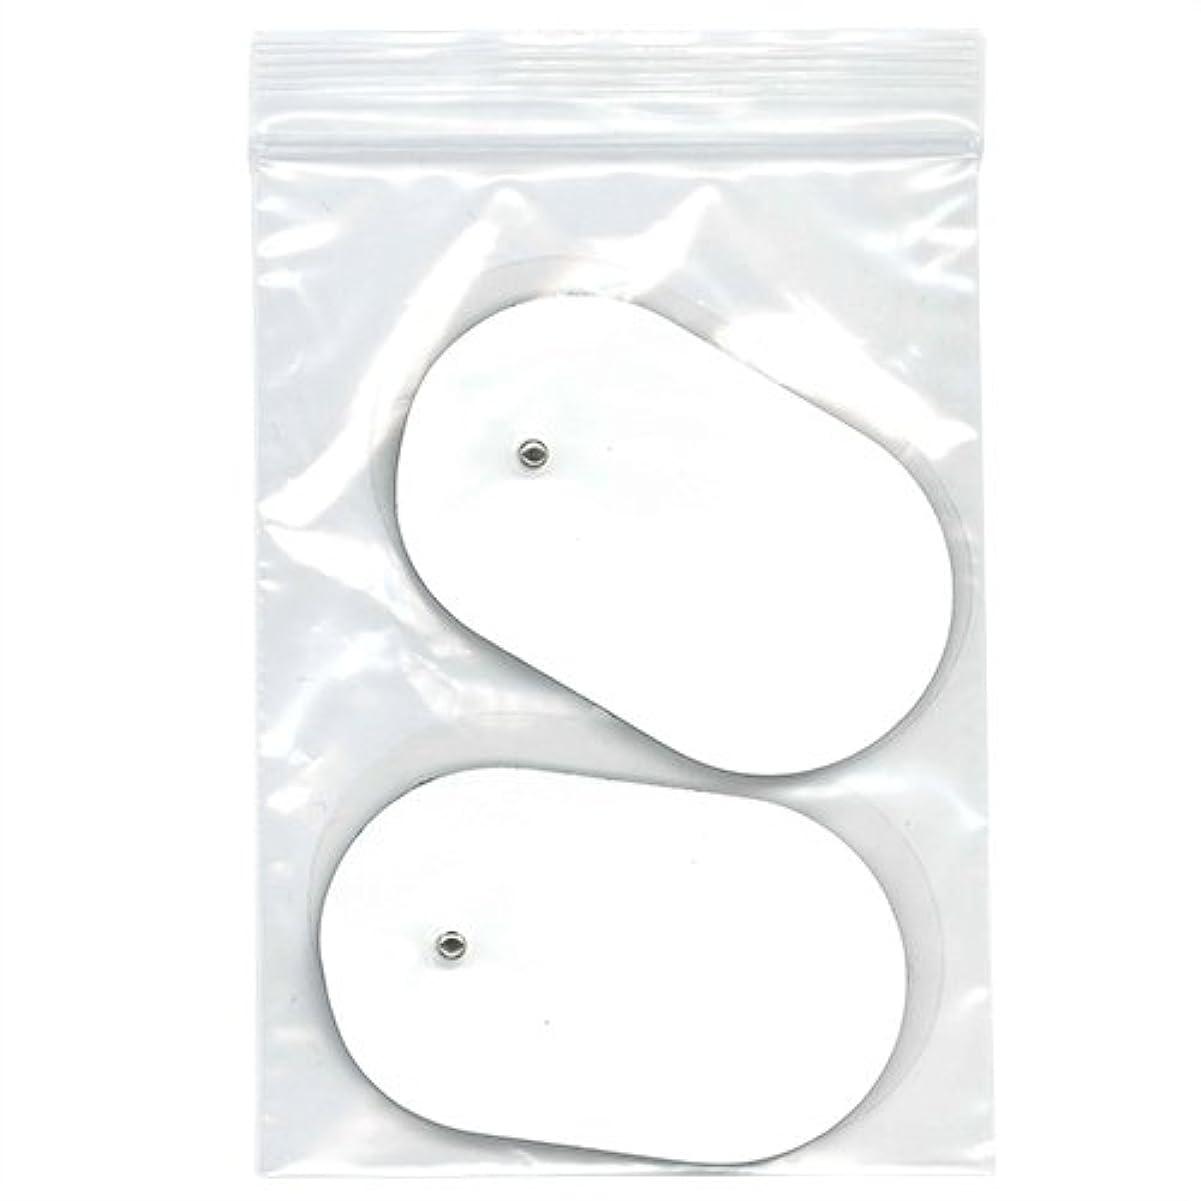 鋸歯状危険ミンチEMS 交換用替えパッド 男女兼用 (2枚入り)-(POKE SLIM)ポケスリム対応